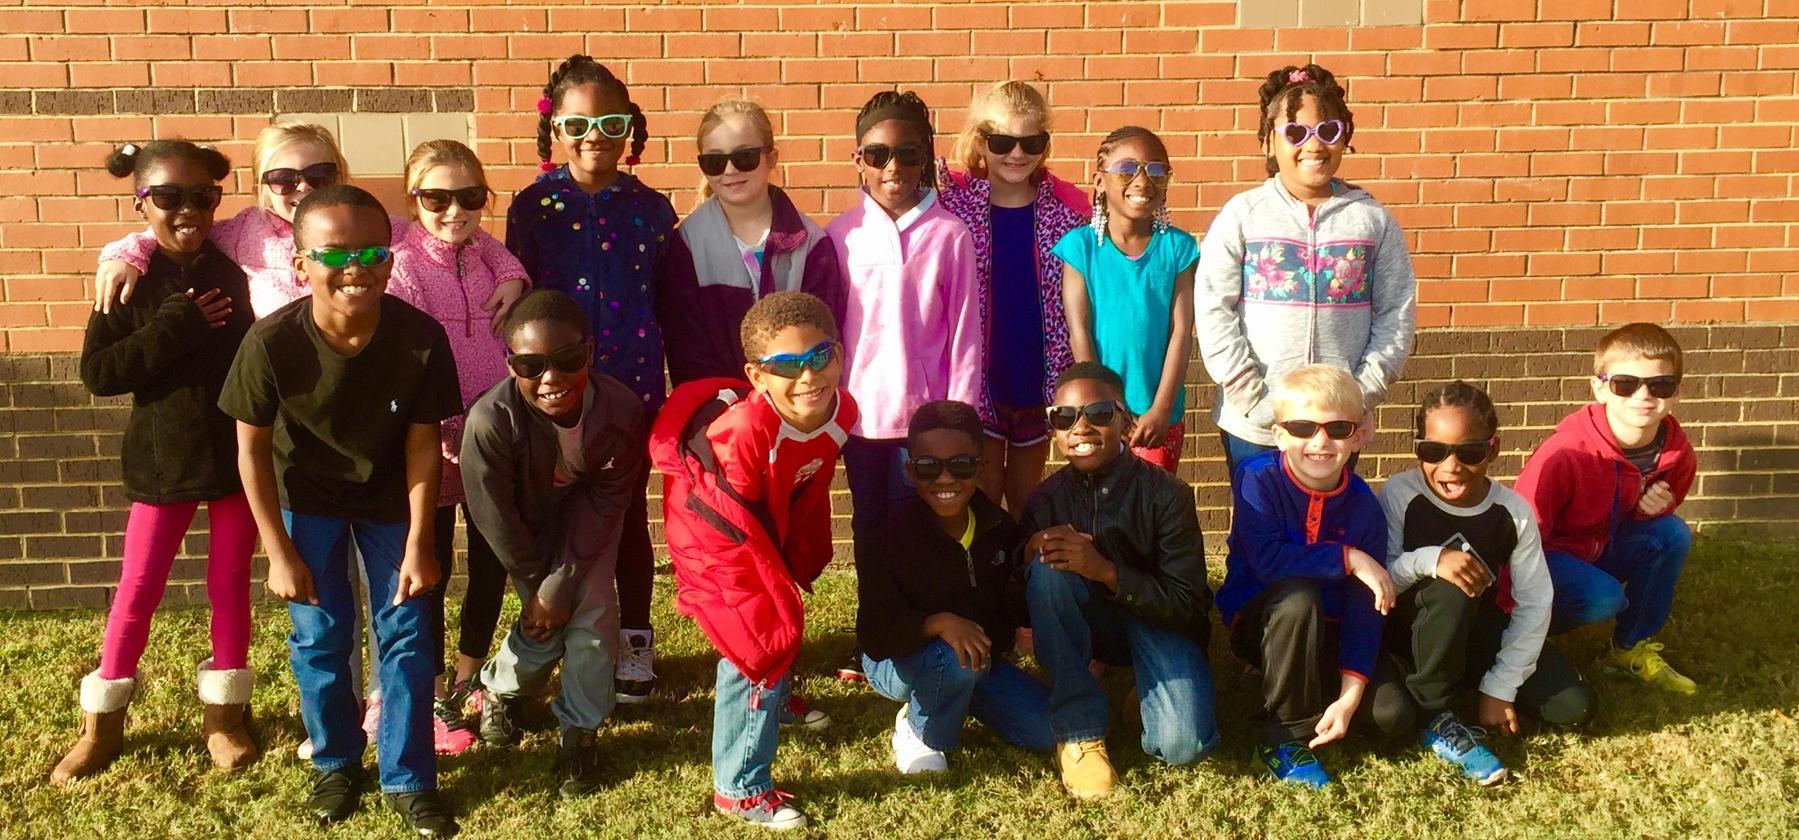 class in sunglasses